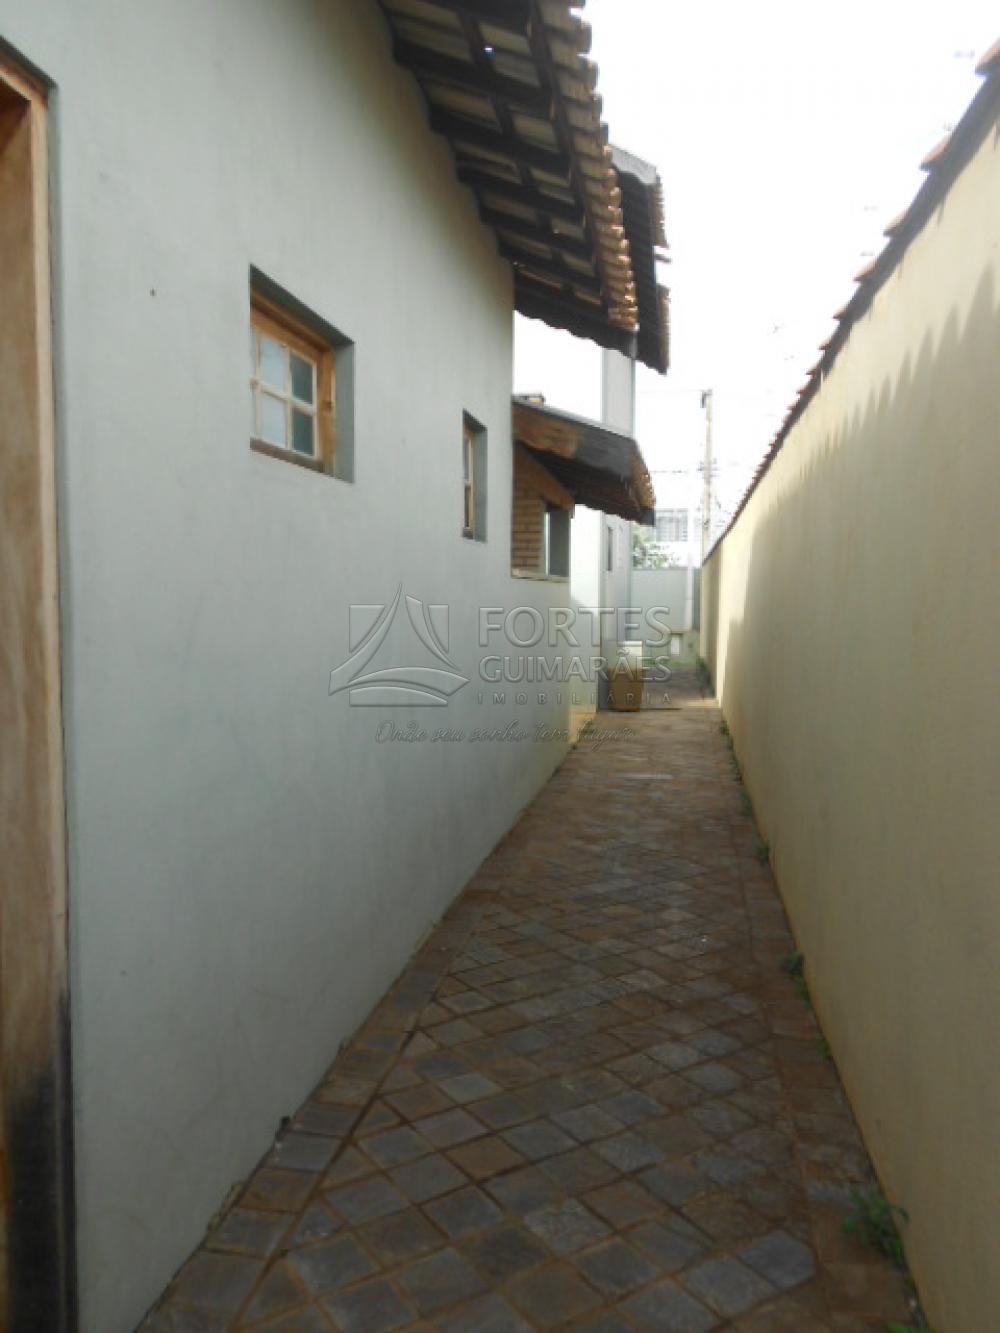 Alugar Casas / Padrão em Ribeirão Preto apenas R$ 12.000,00 - Foto 55